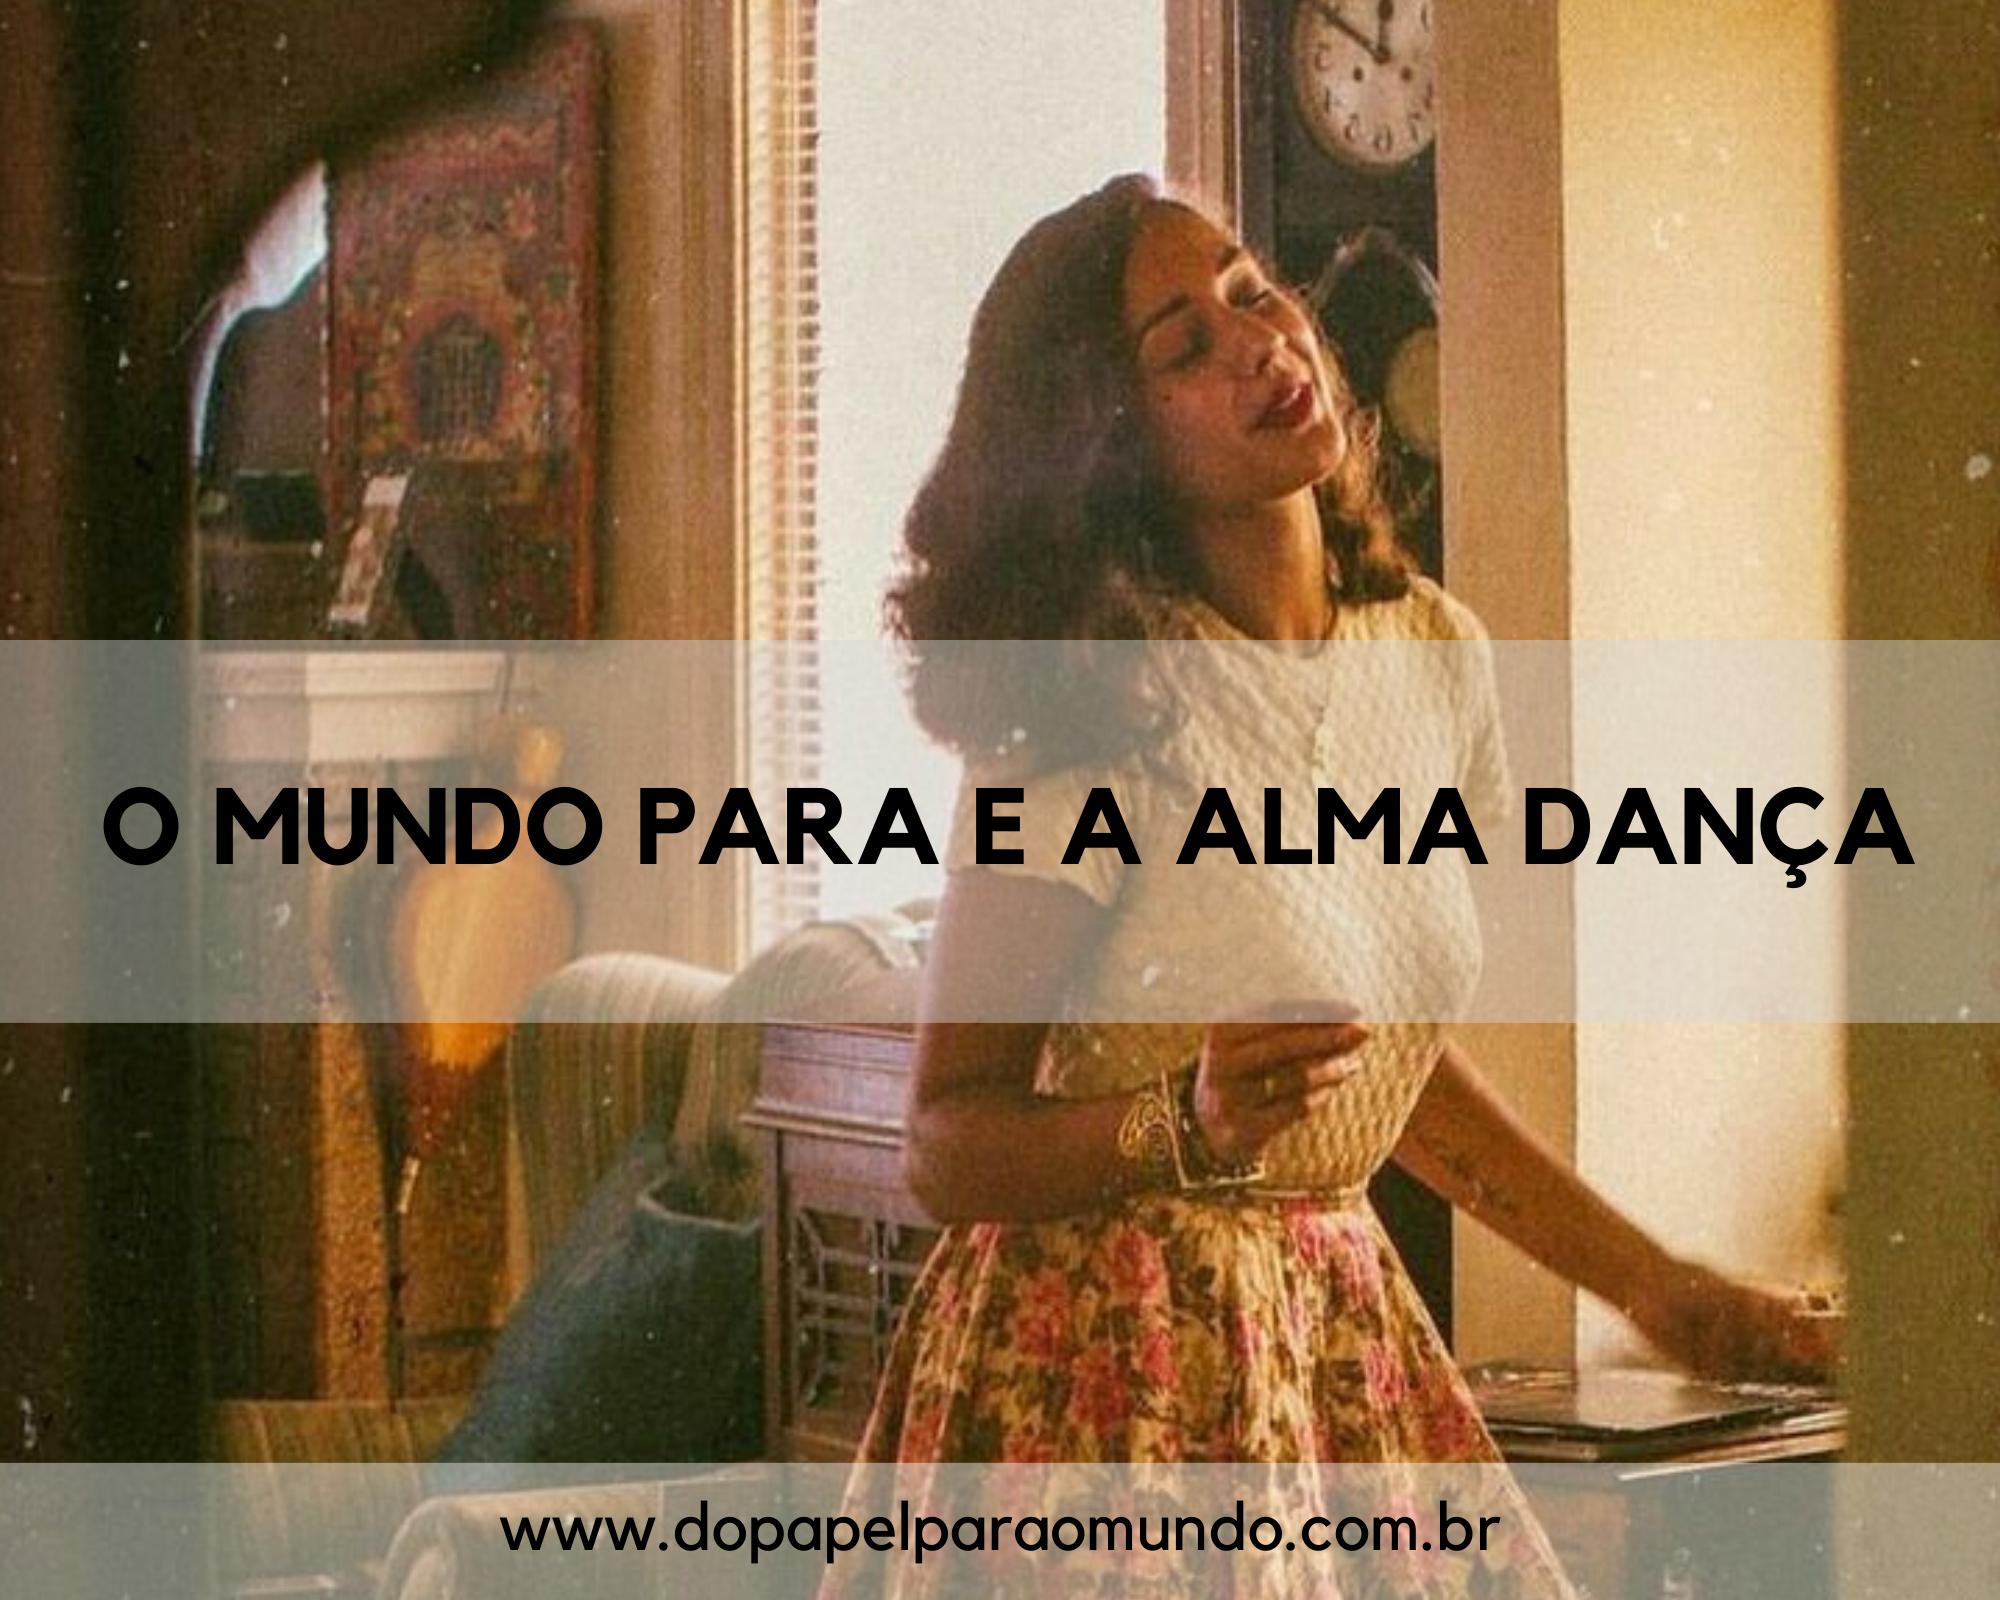 O mundo para e a alma dança